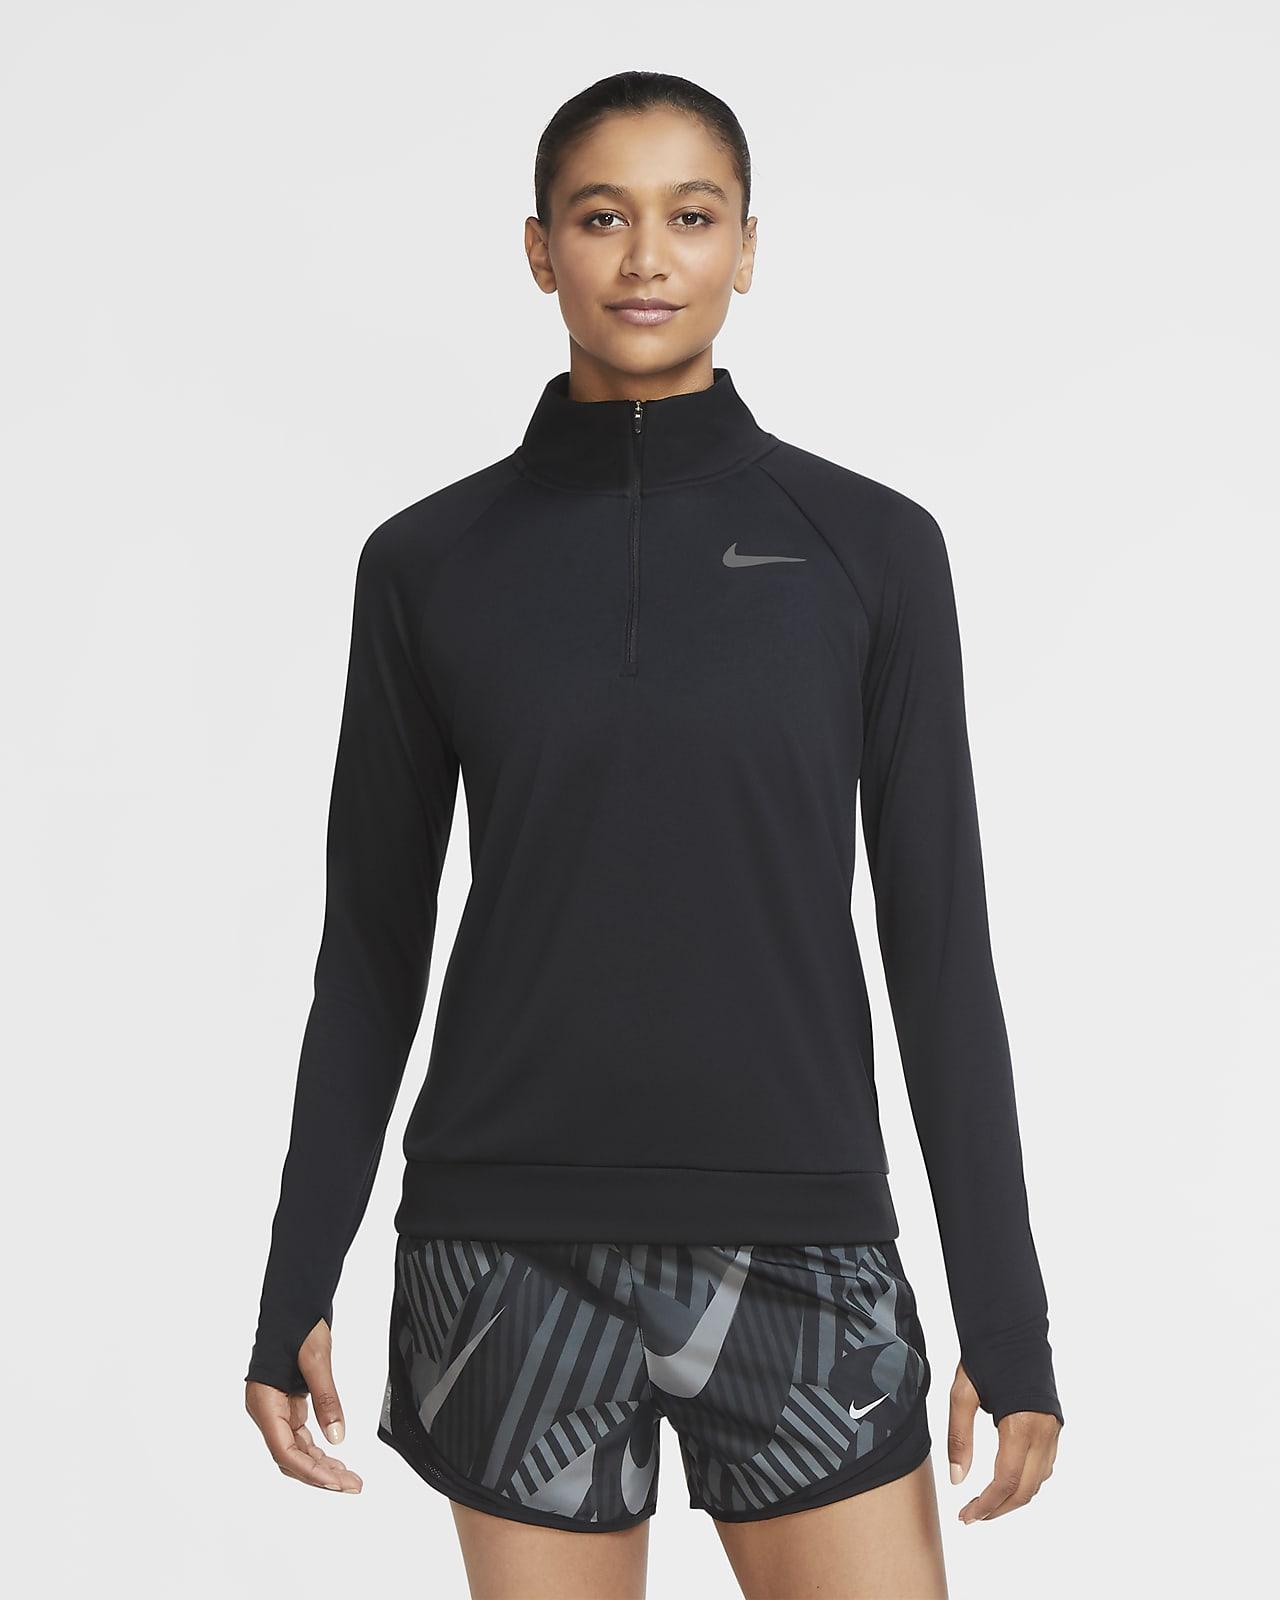 Löpartröja Nike Pacer med kvartslång dragkedja för kvinnor